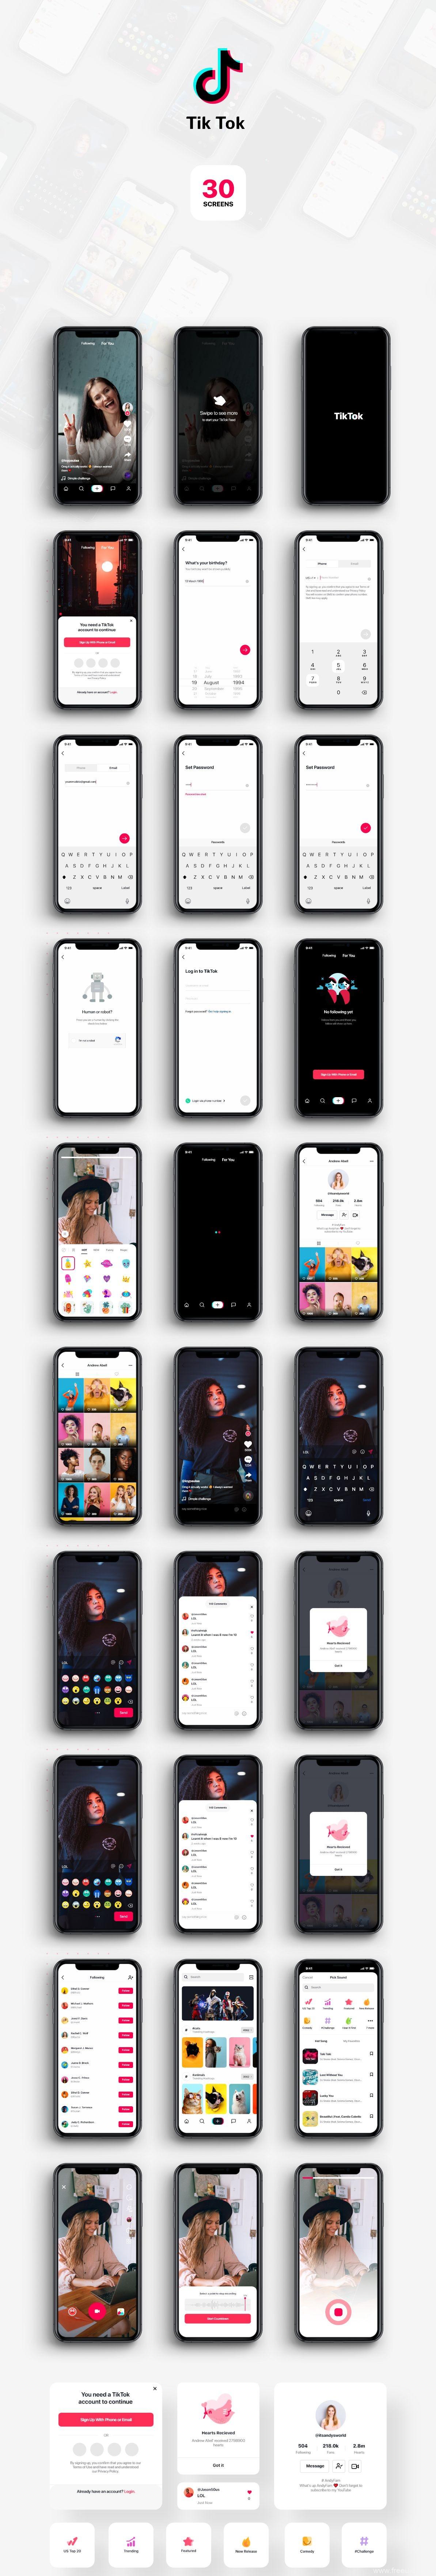 抖音短视频app 国际版Tik Tok 整套UI .xd素材下载